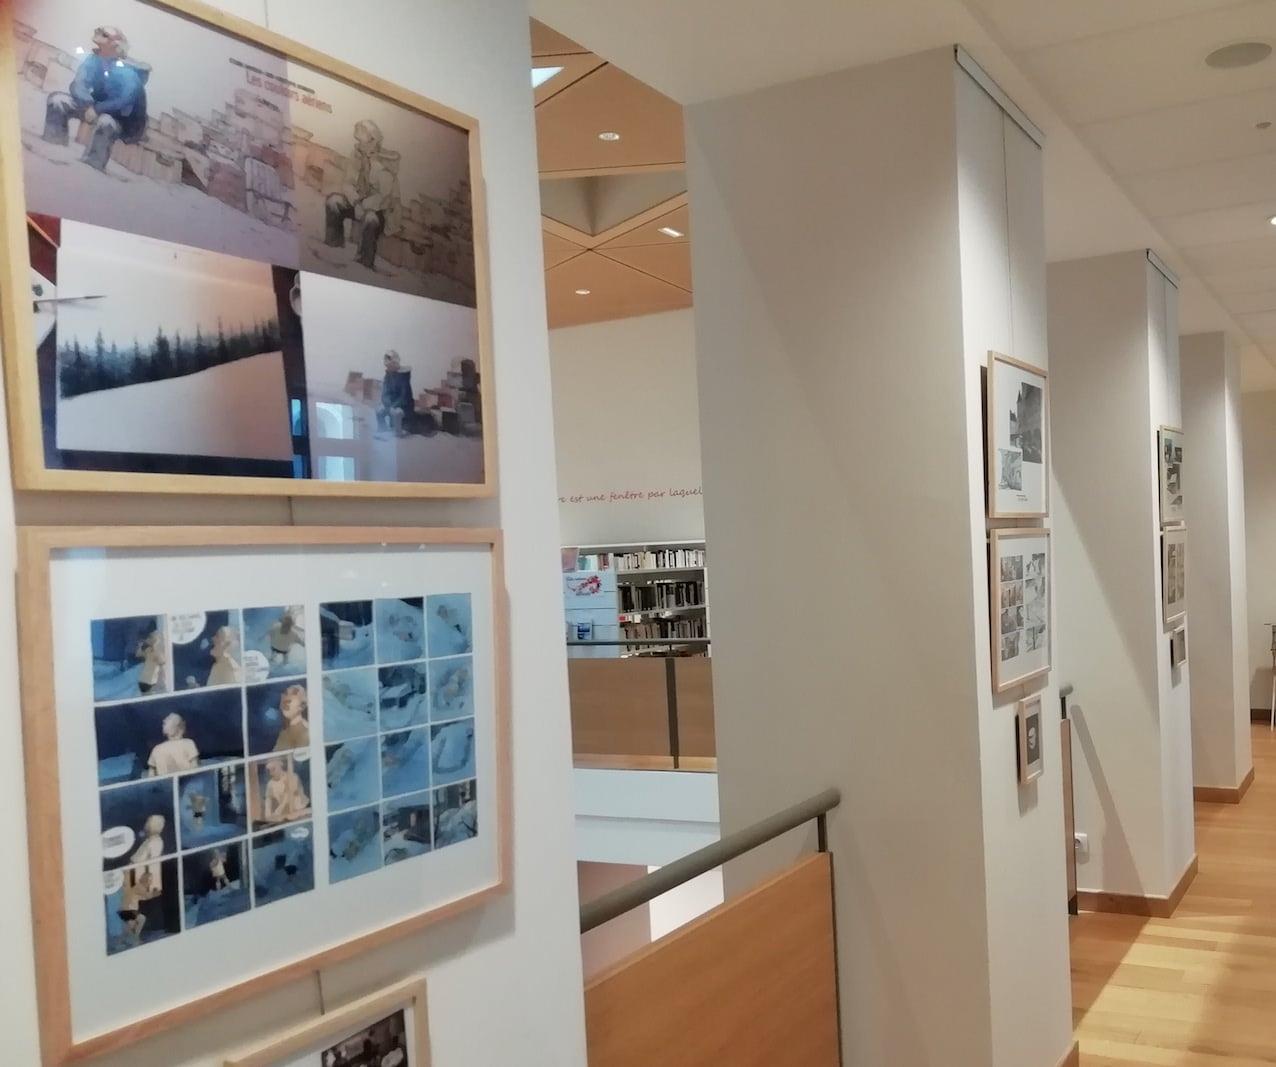 Expo Couloirs aériens 3 - Davodeau, Joub, Hermenier 2019